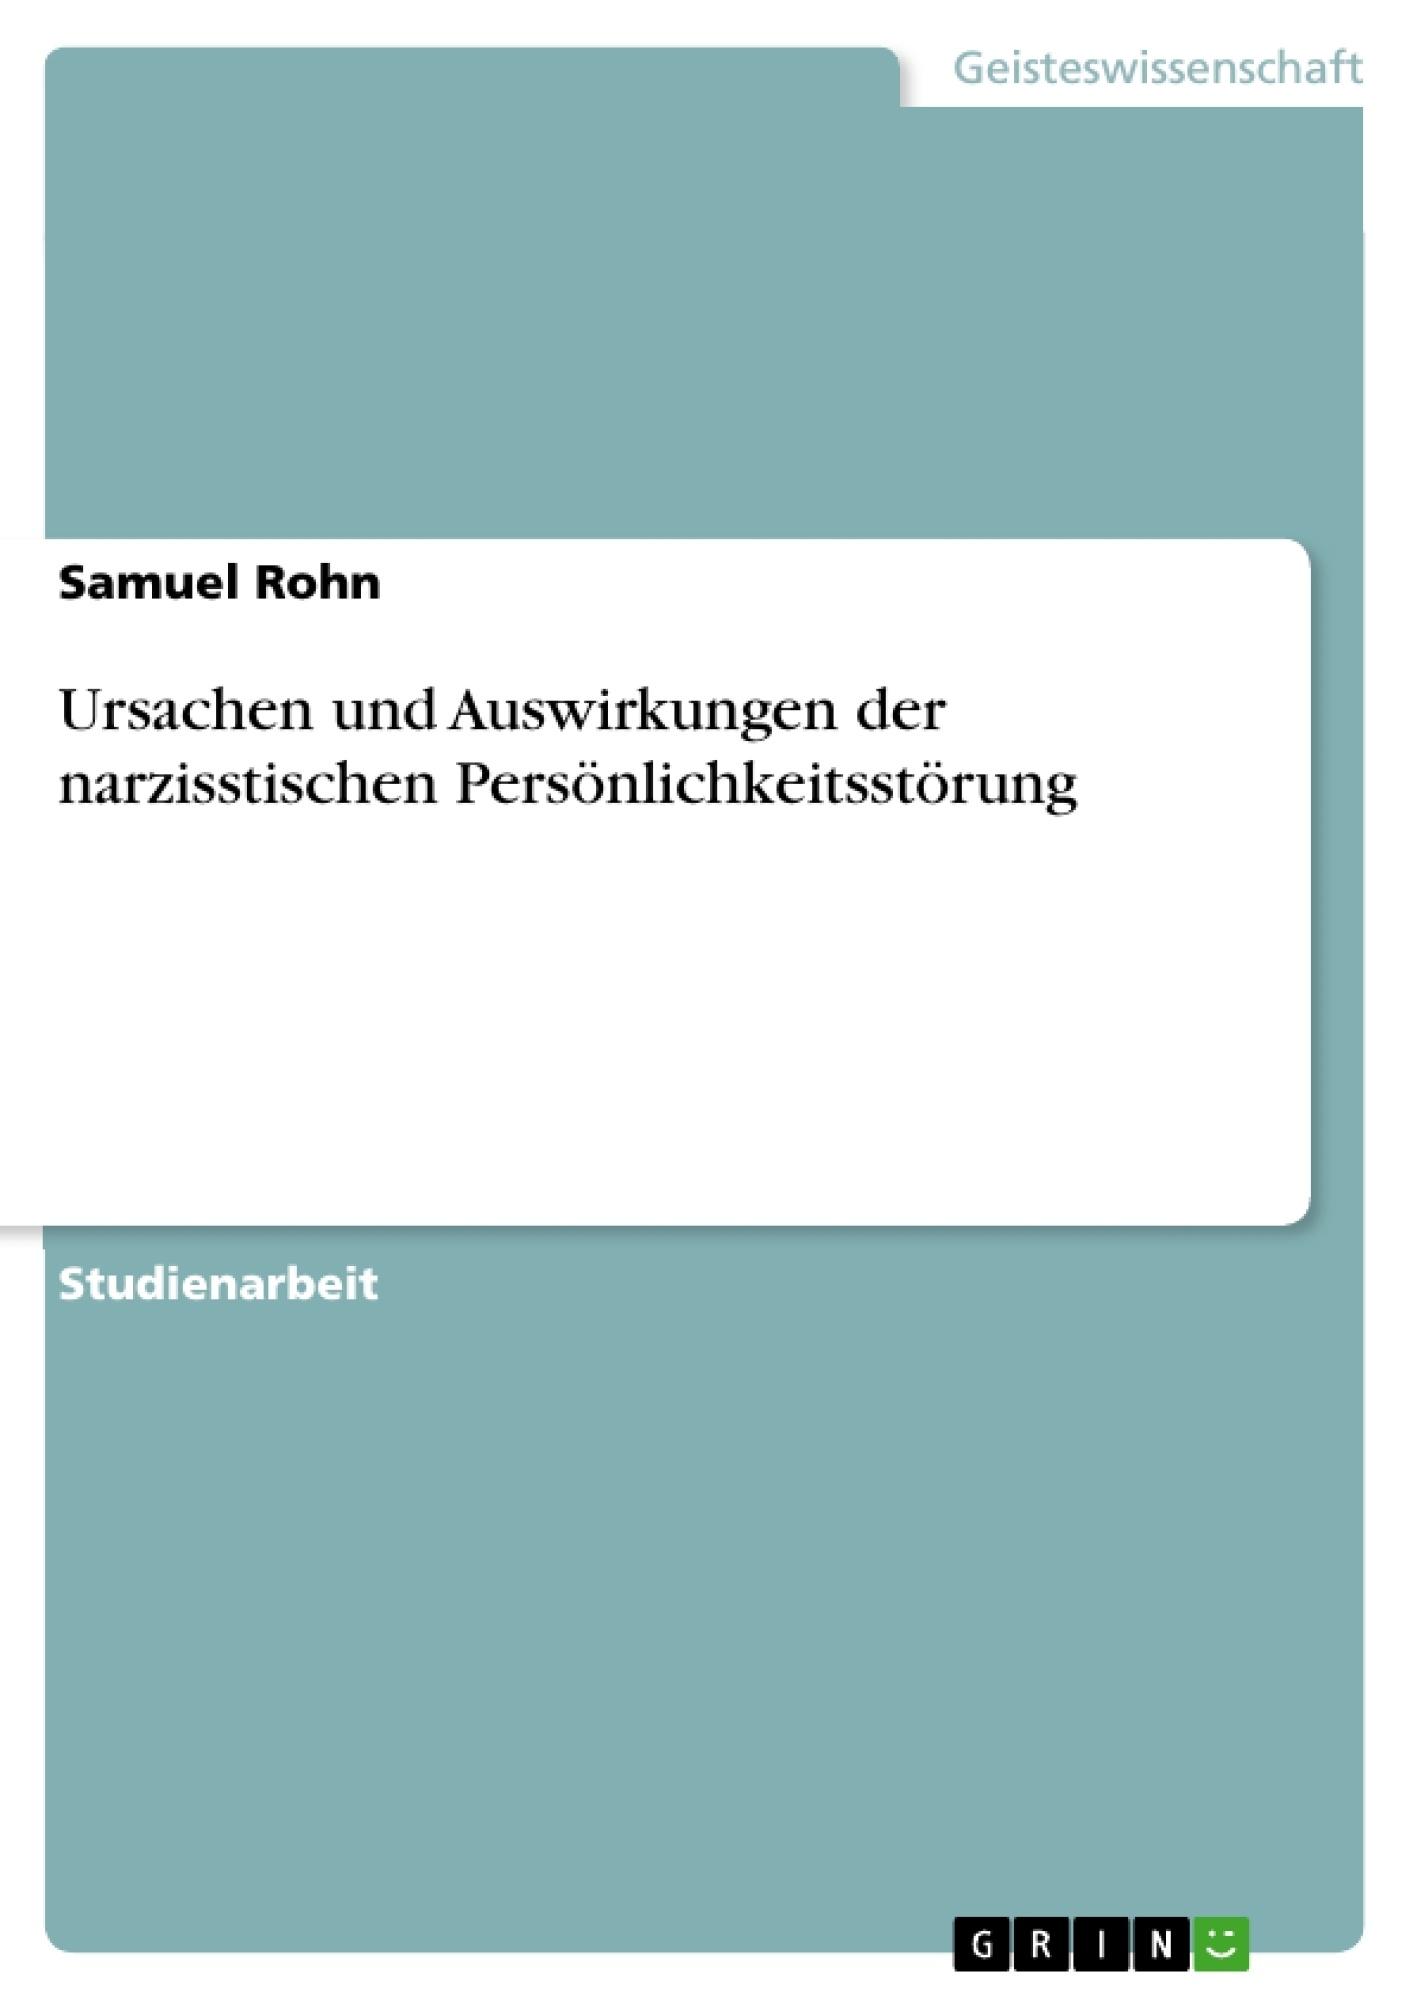 Titel: Ursachen und Auswirkungen der narzisstischen Persönlichkeitsstörung